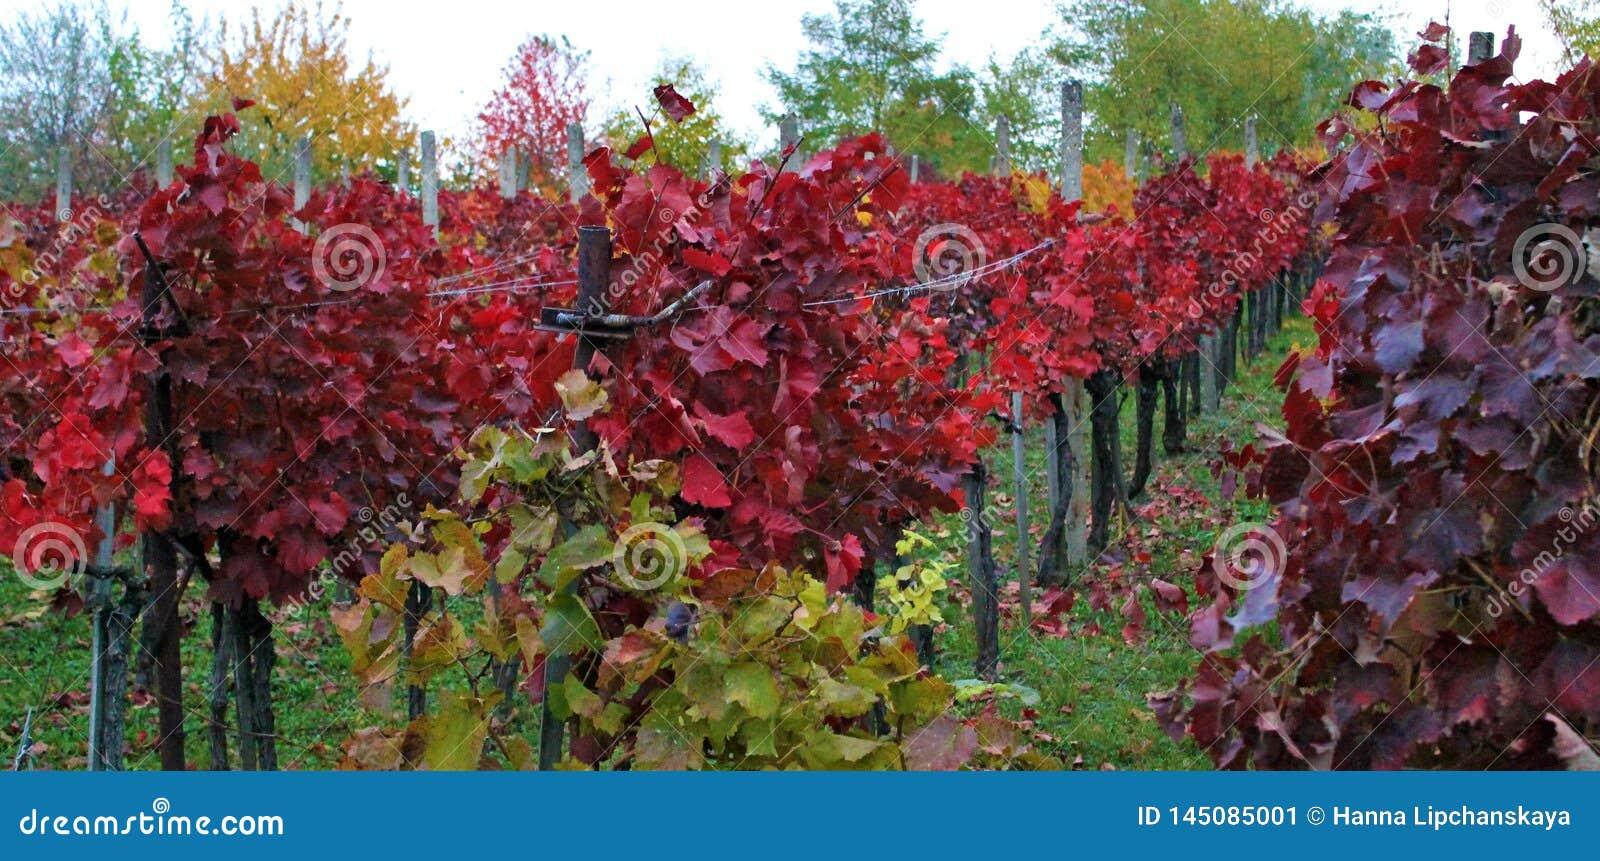 埃格尔,匈牙利红色葡萄园